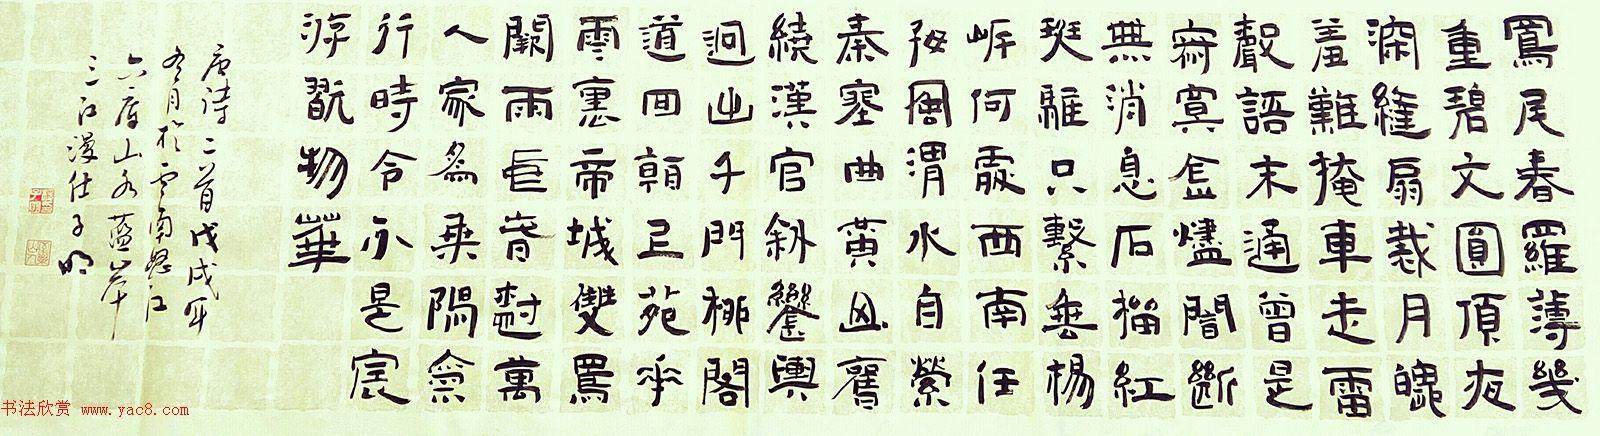 普米族书法家杨子明投稿作品